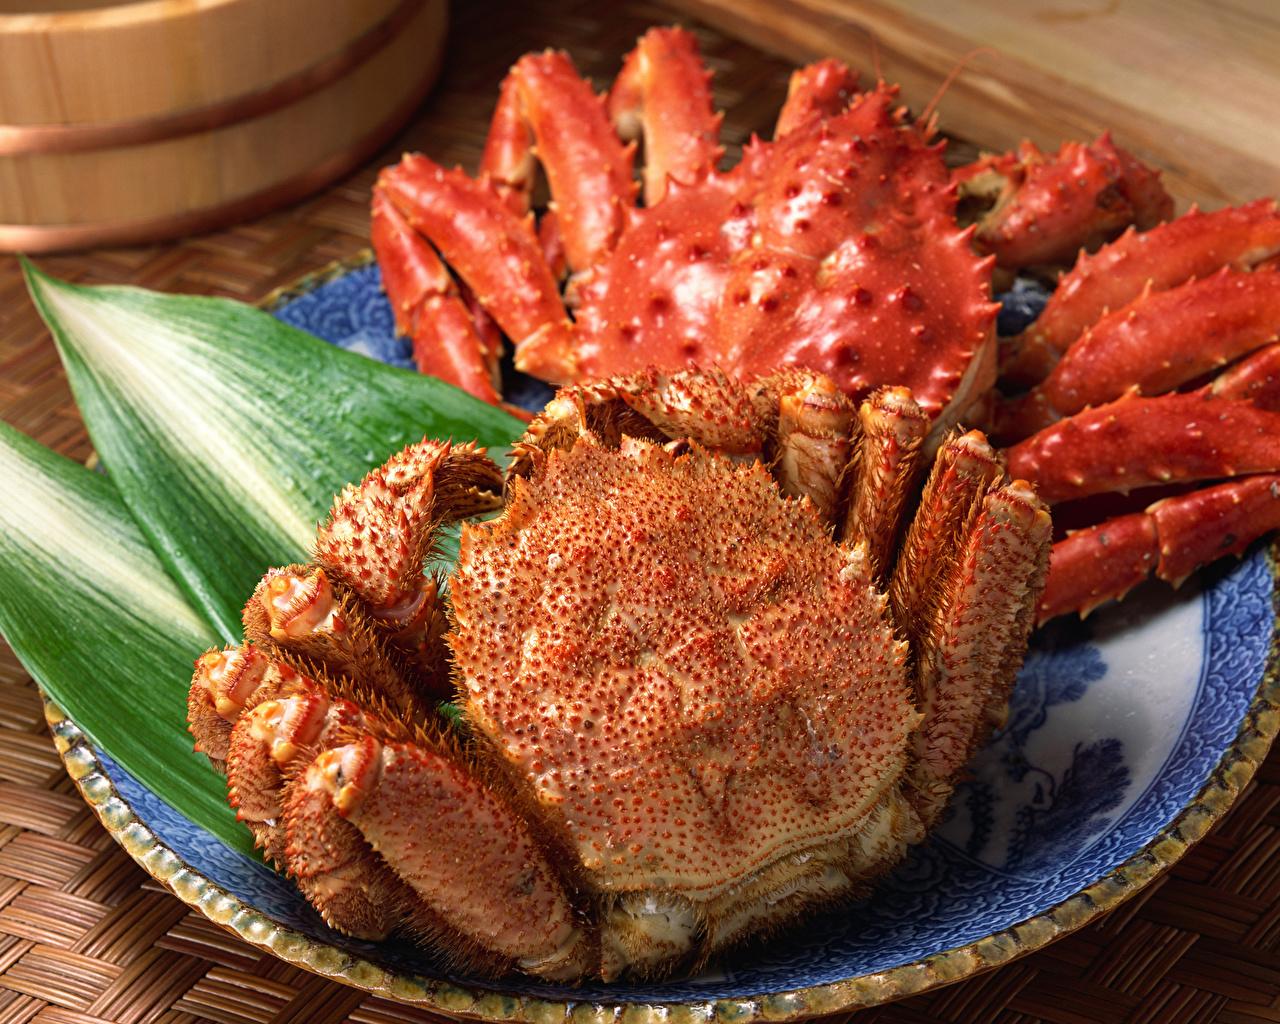 Foto Krabben das Essen Nahaufnahme Meeresfrüchte Lebensmittel hautnah Großansicht